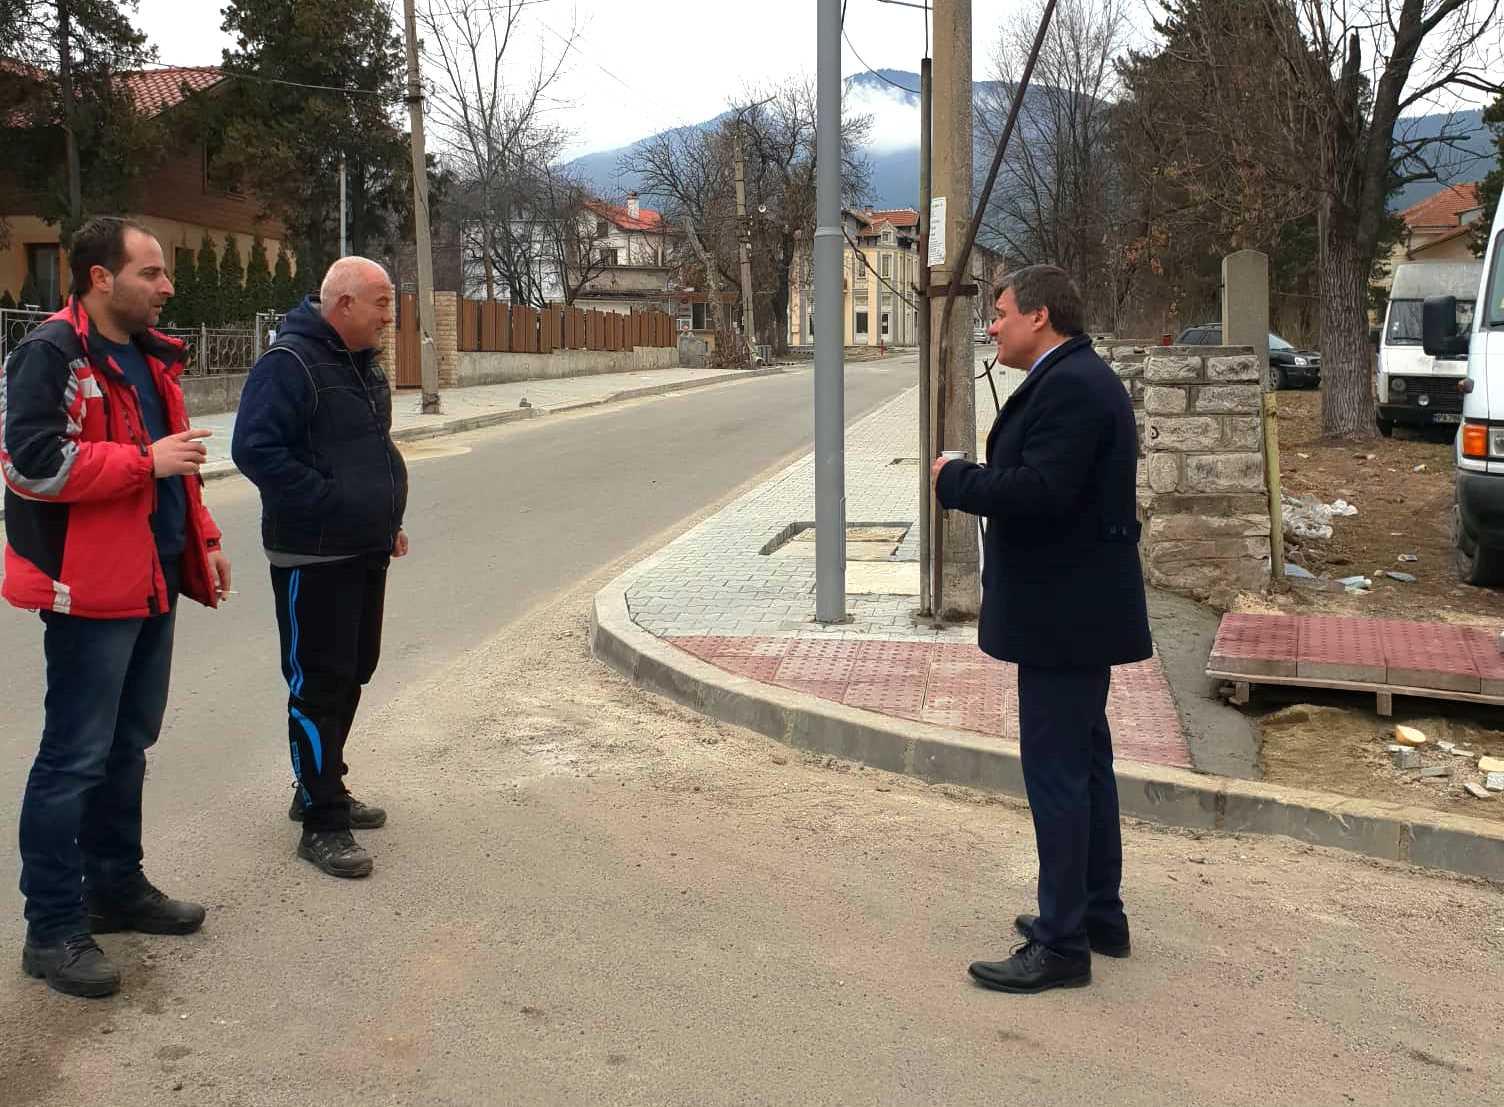 Кметът д-р Коев инспектира как се извършват ремонтните дейности в Каменица